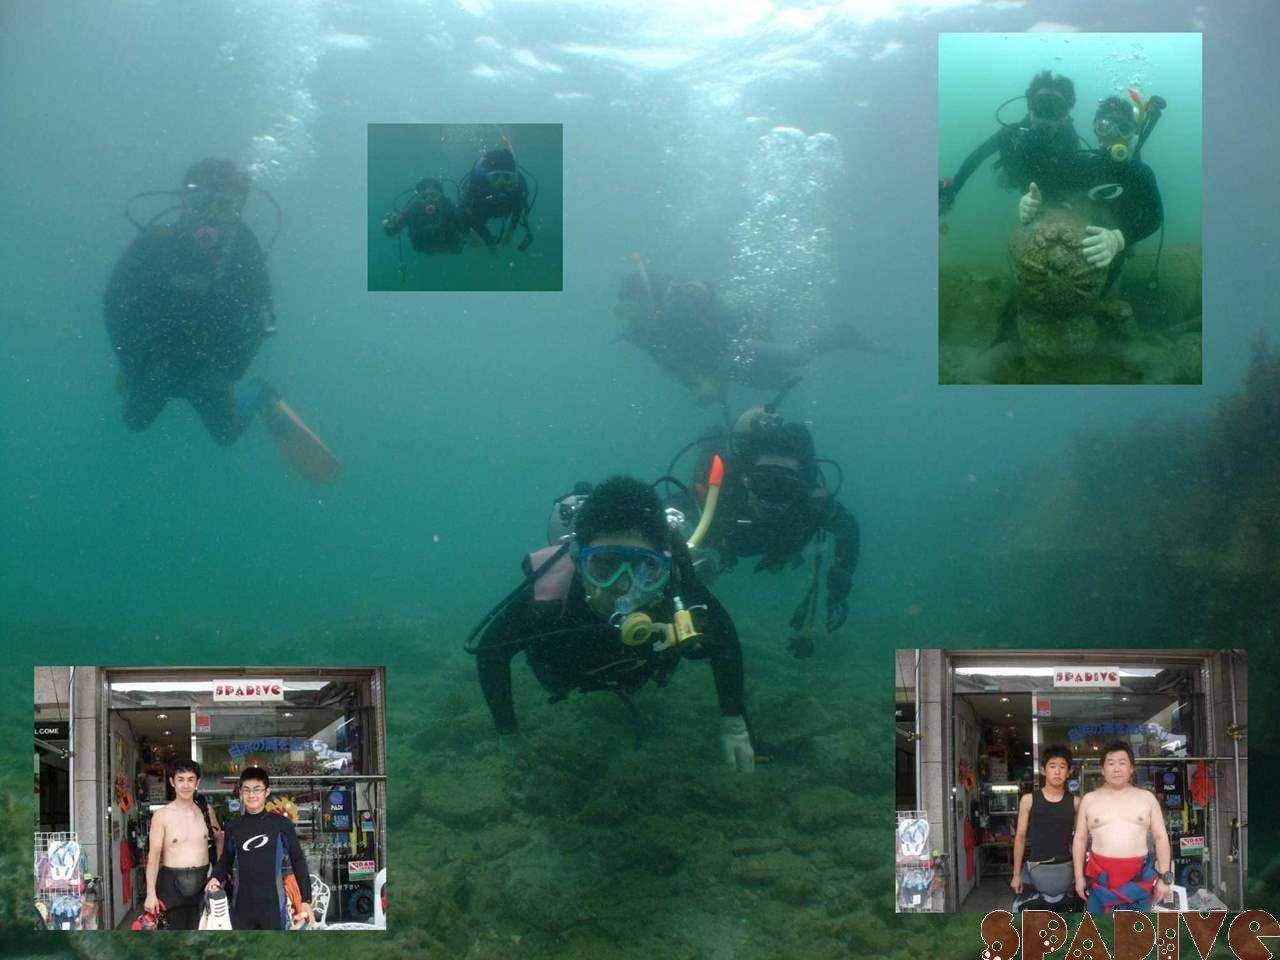 体験ダイビング&アドバン取得コース|7/11/2009白浜 権現崎